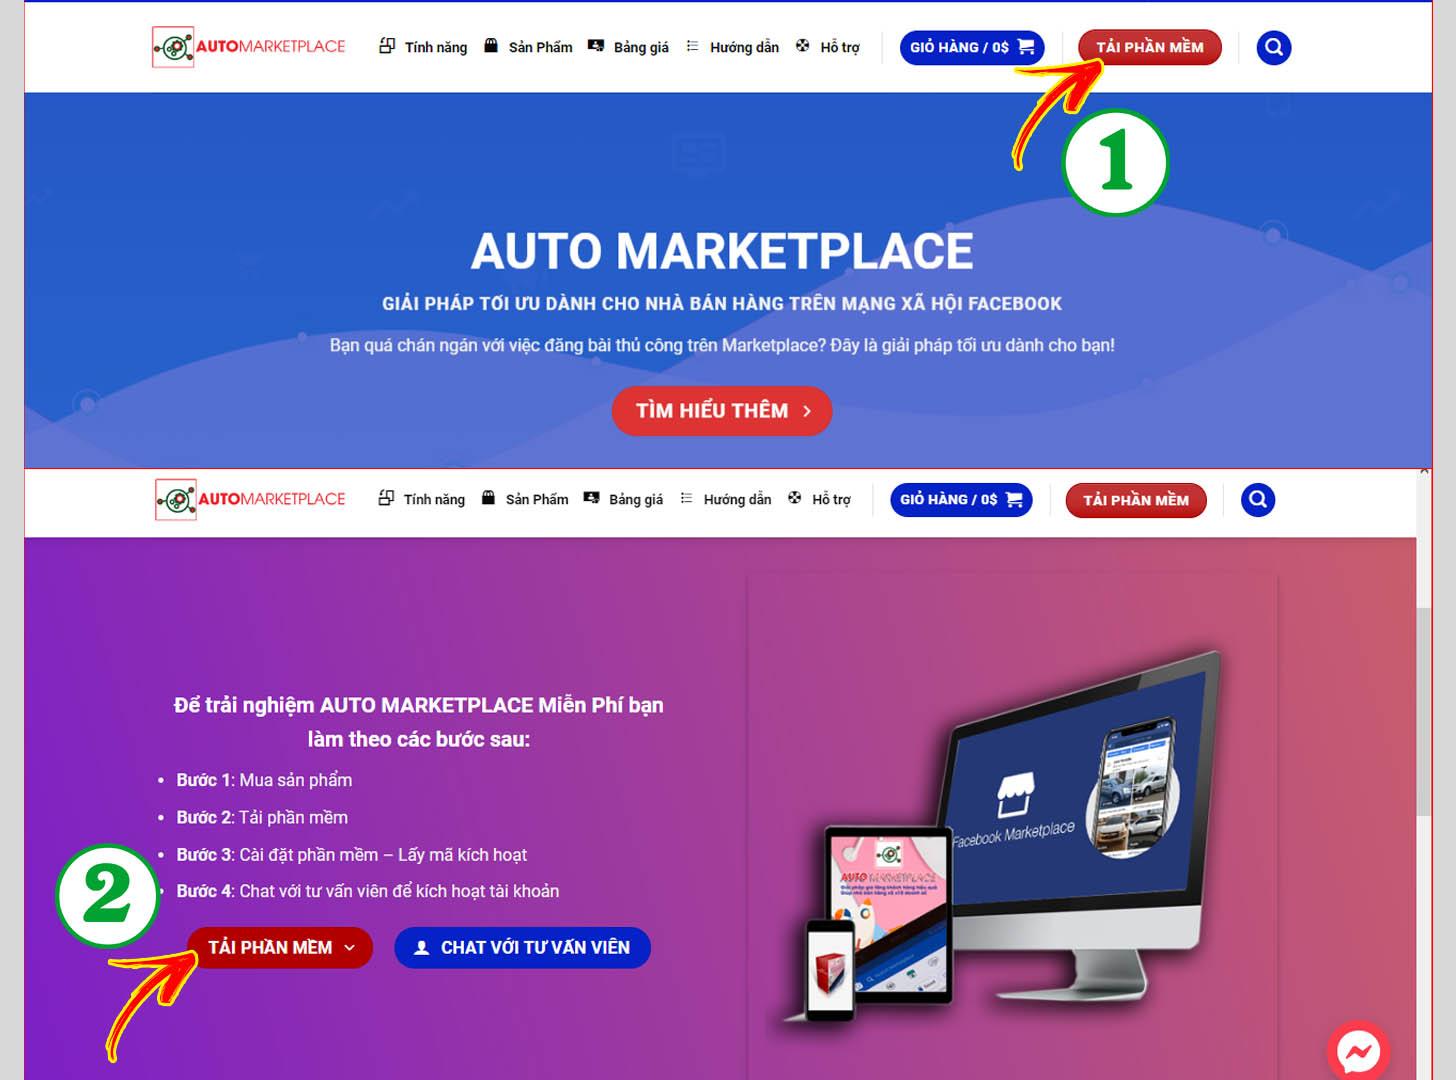 Tải phần mềm Auto Marketplace về máy